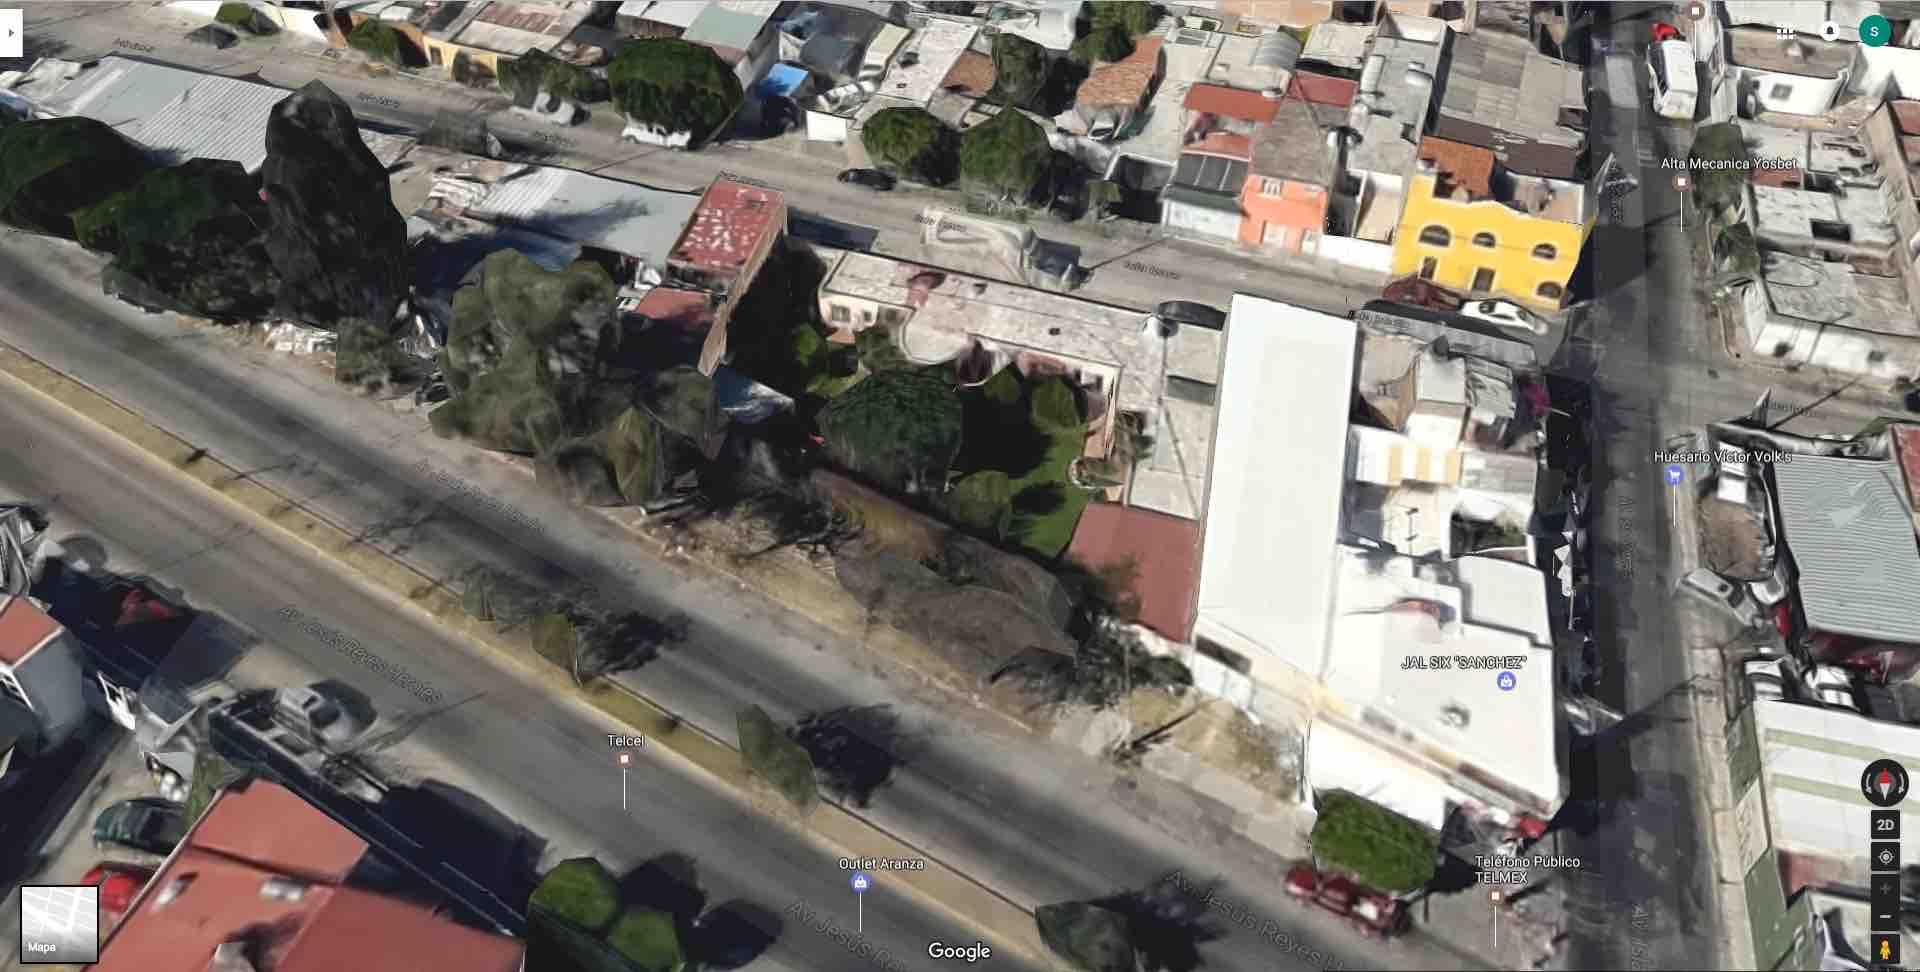 Colonia Vicente Guerrero, Av. Reyes Heroles 3148 (es la continuacion de Av. Conchitas)